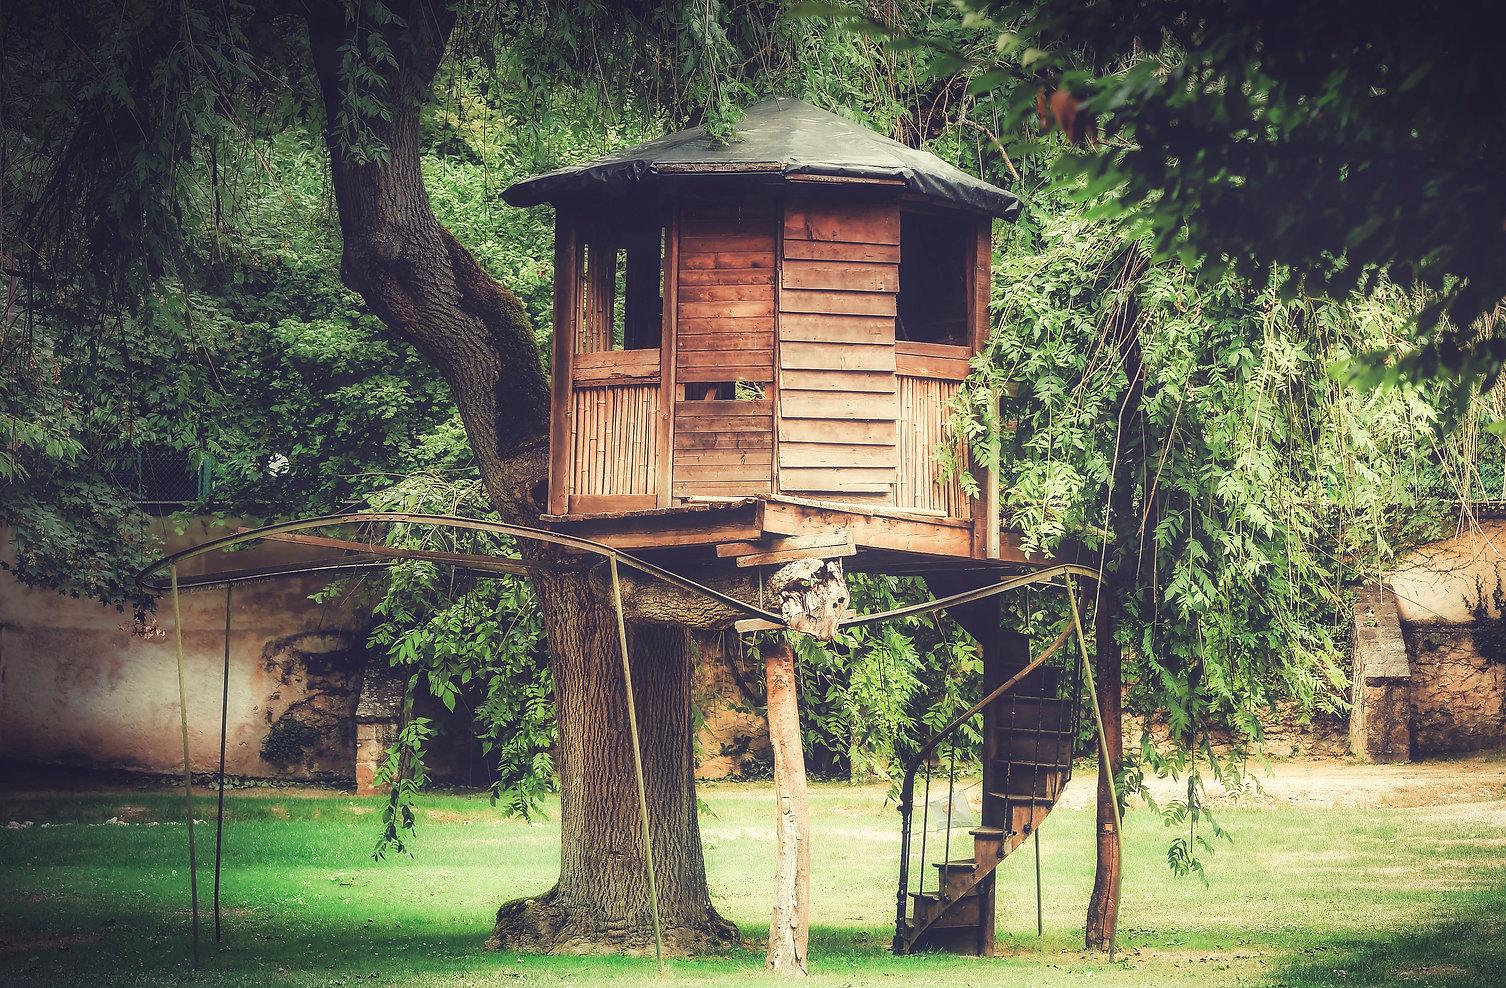 parc cabane en bois domaine de réception Natural Art Shot naturalartshot